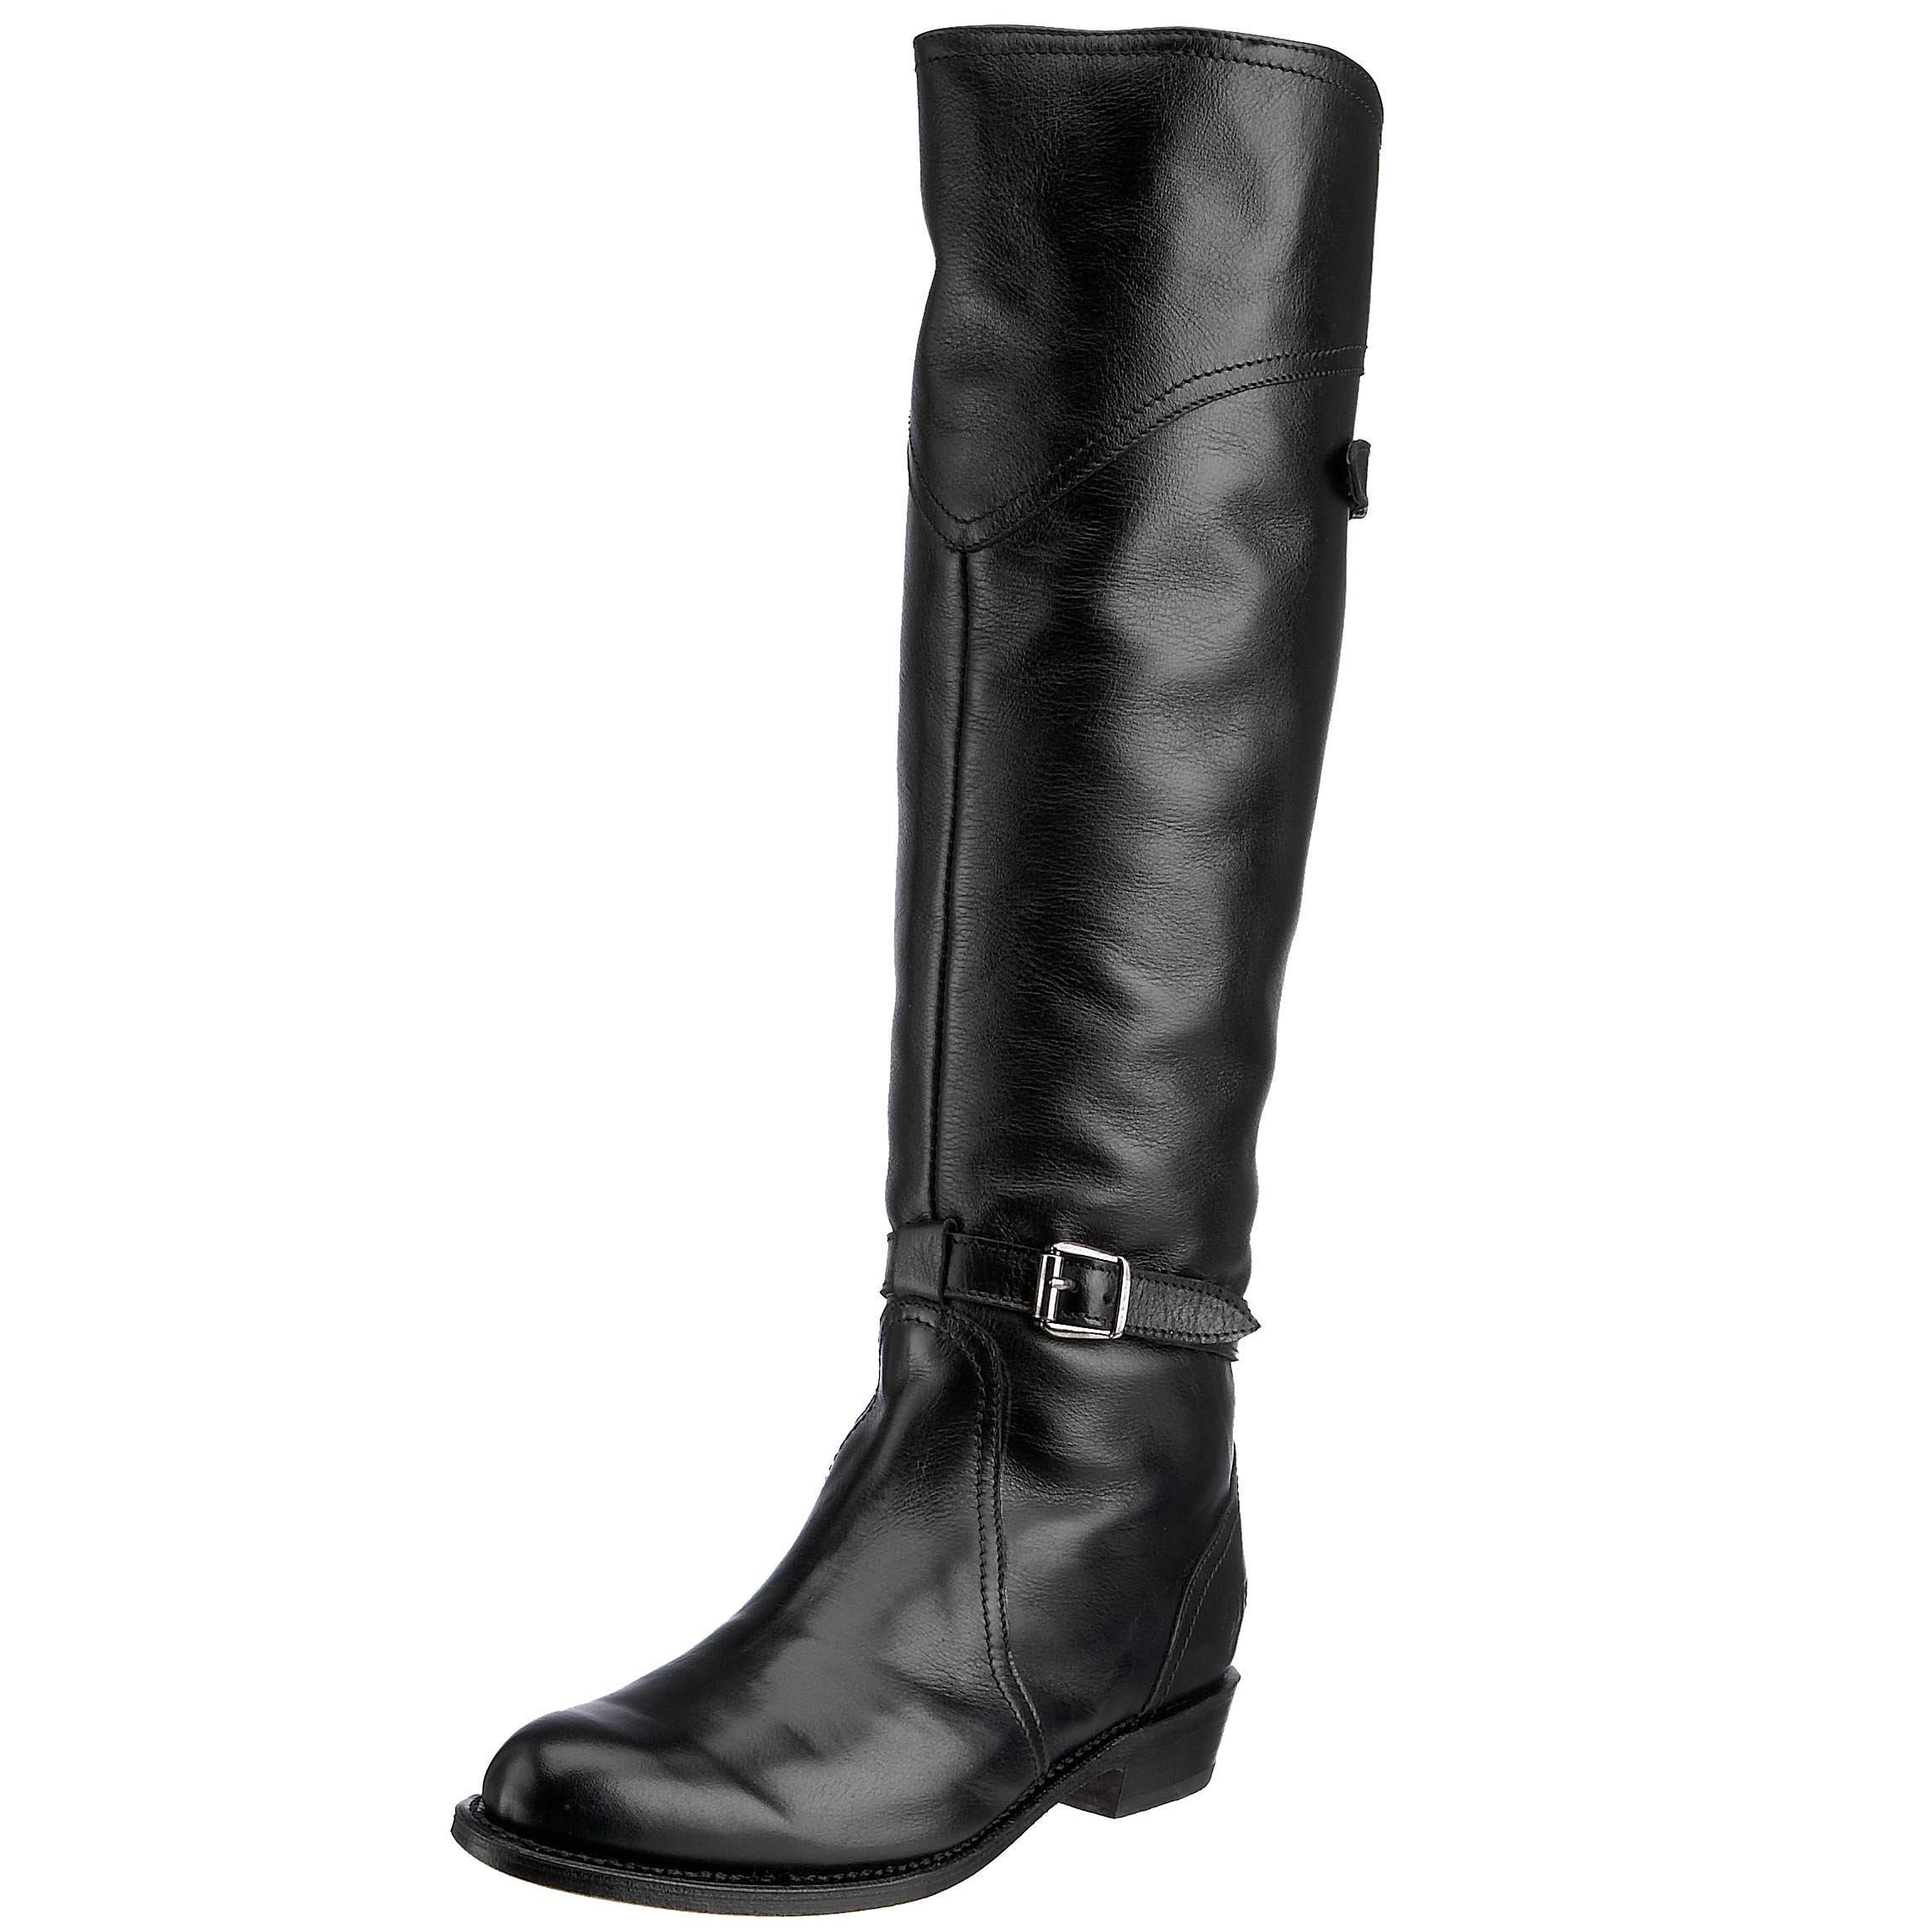 FRYE Women's Dorado Riding Boot, Black Full Grain, 10 M US